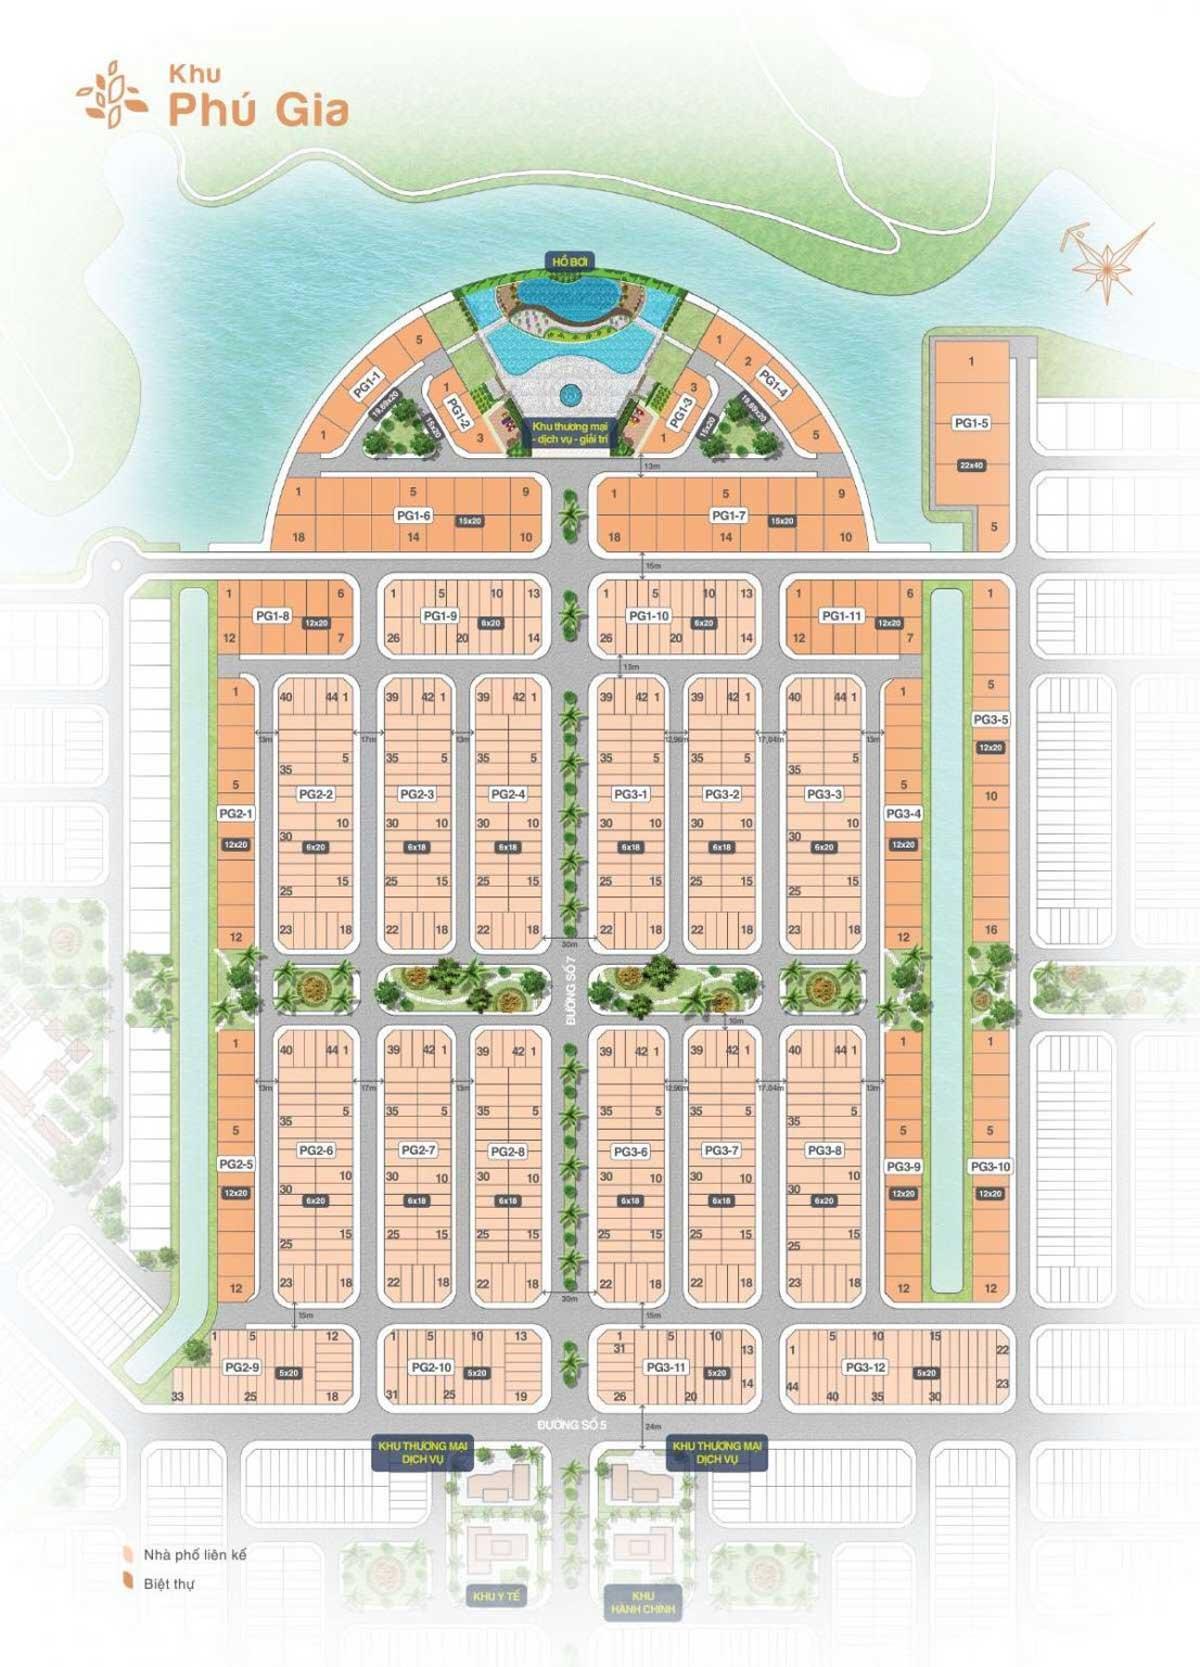 mat bang phan lo khu phu bien hoa new city - BIỆT THỰ BIÊN HÒA NEW CITY